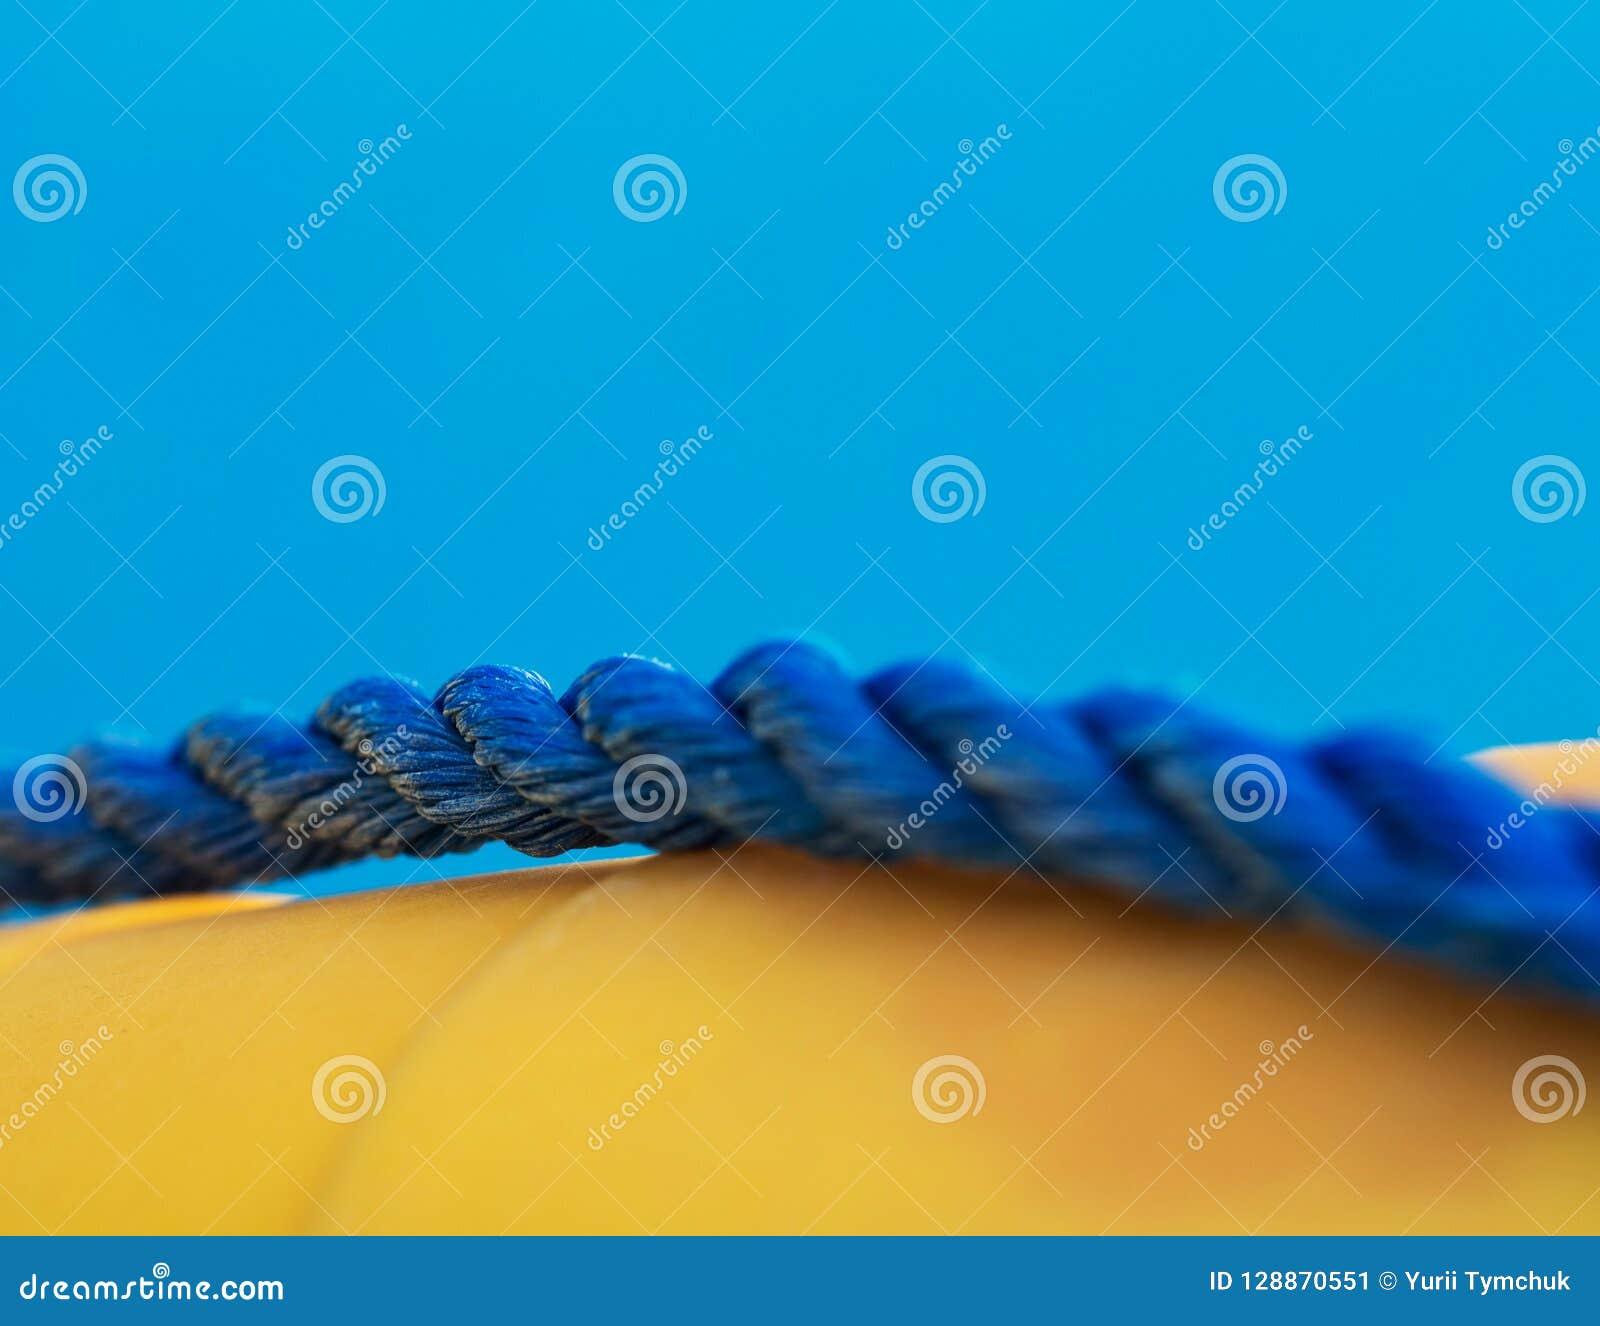 Zakończenie błękitny żołnierz piechoty morskiej przekręcał arkanę na żółty lifebuoy, płytki zgłębiający pole